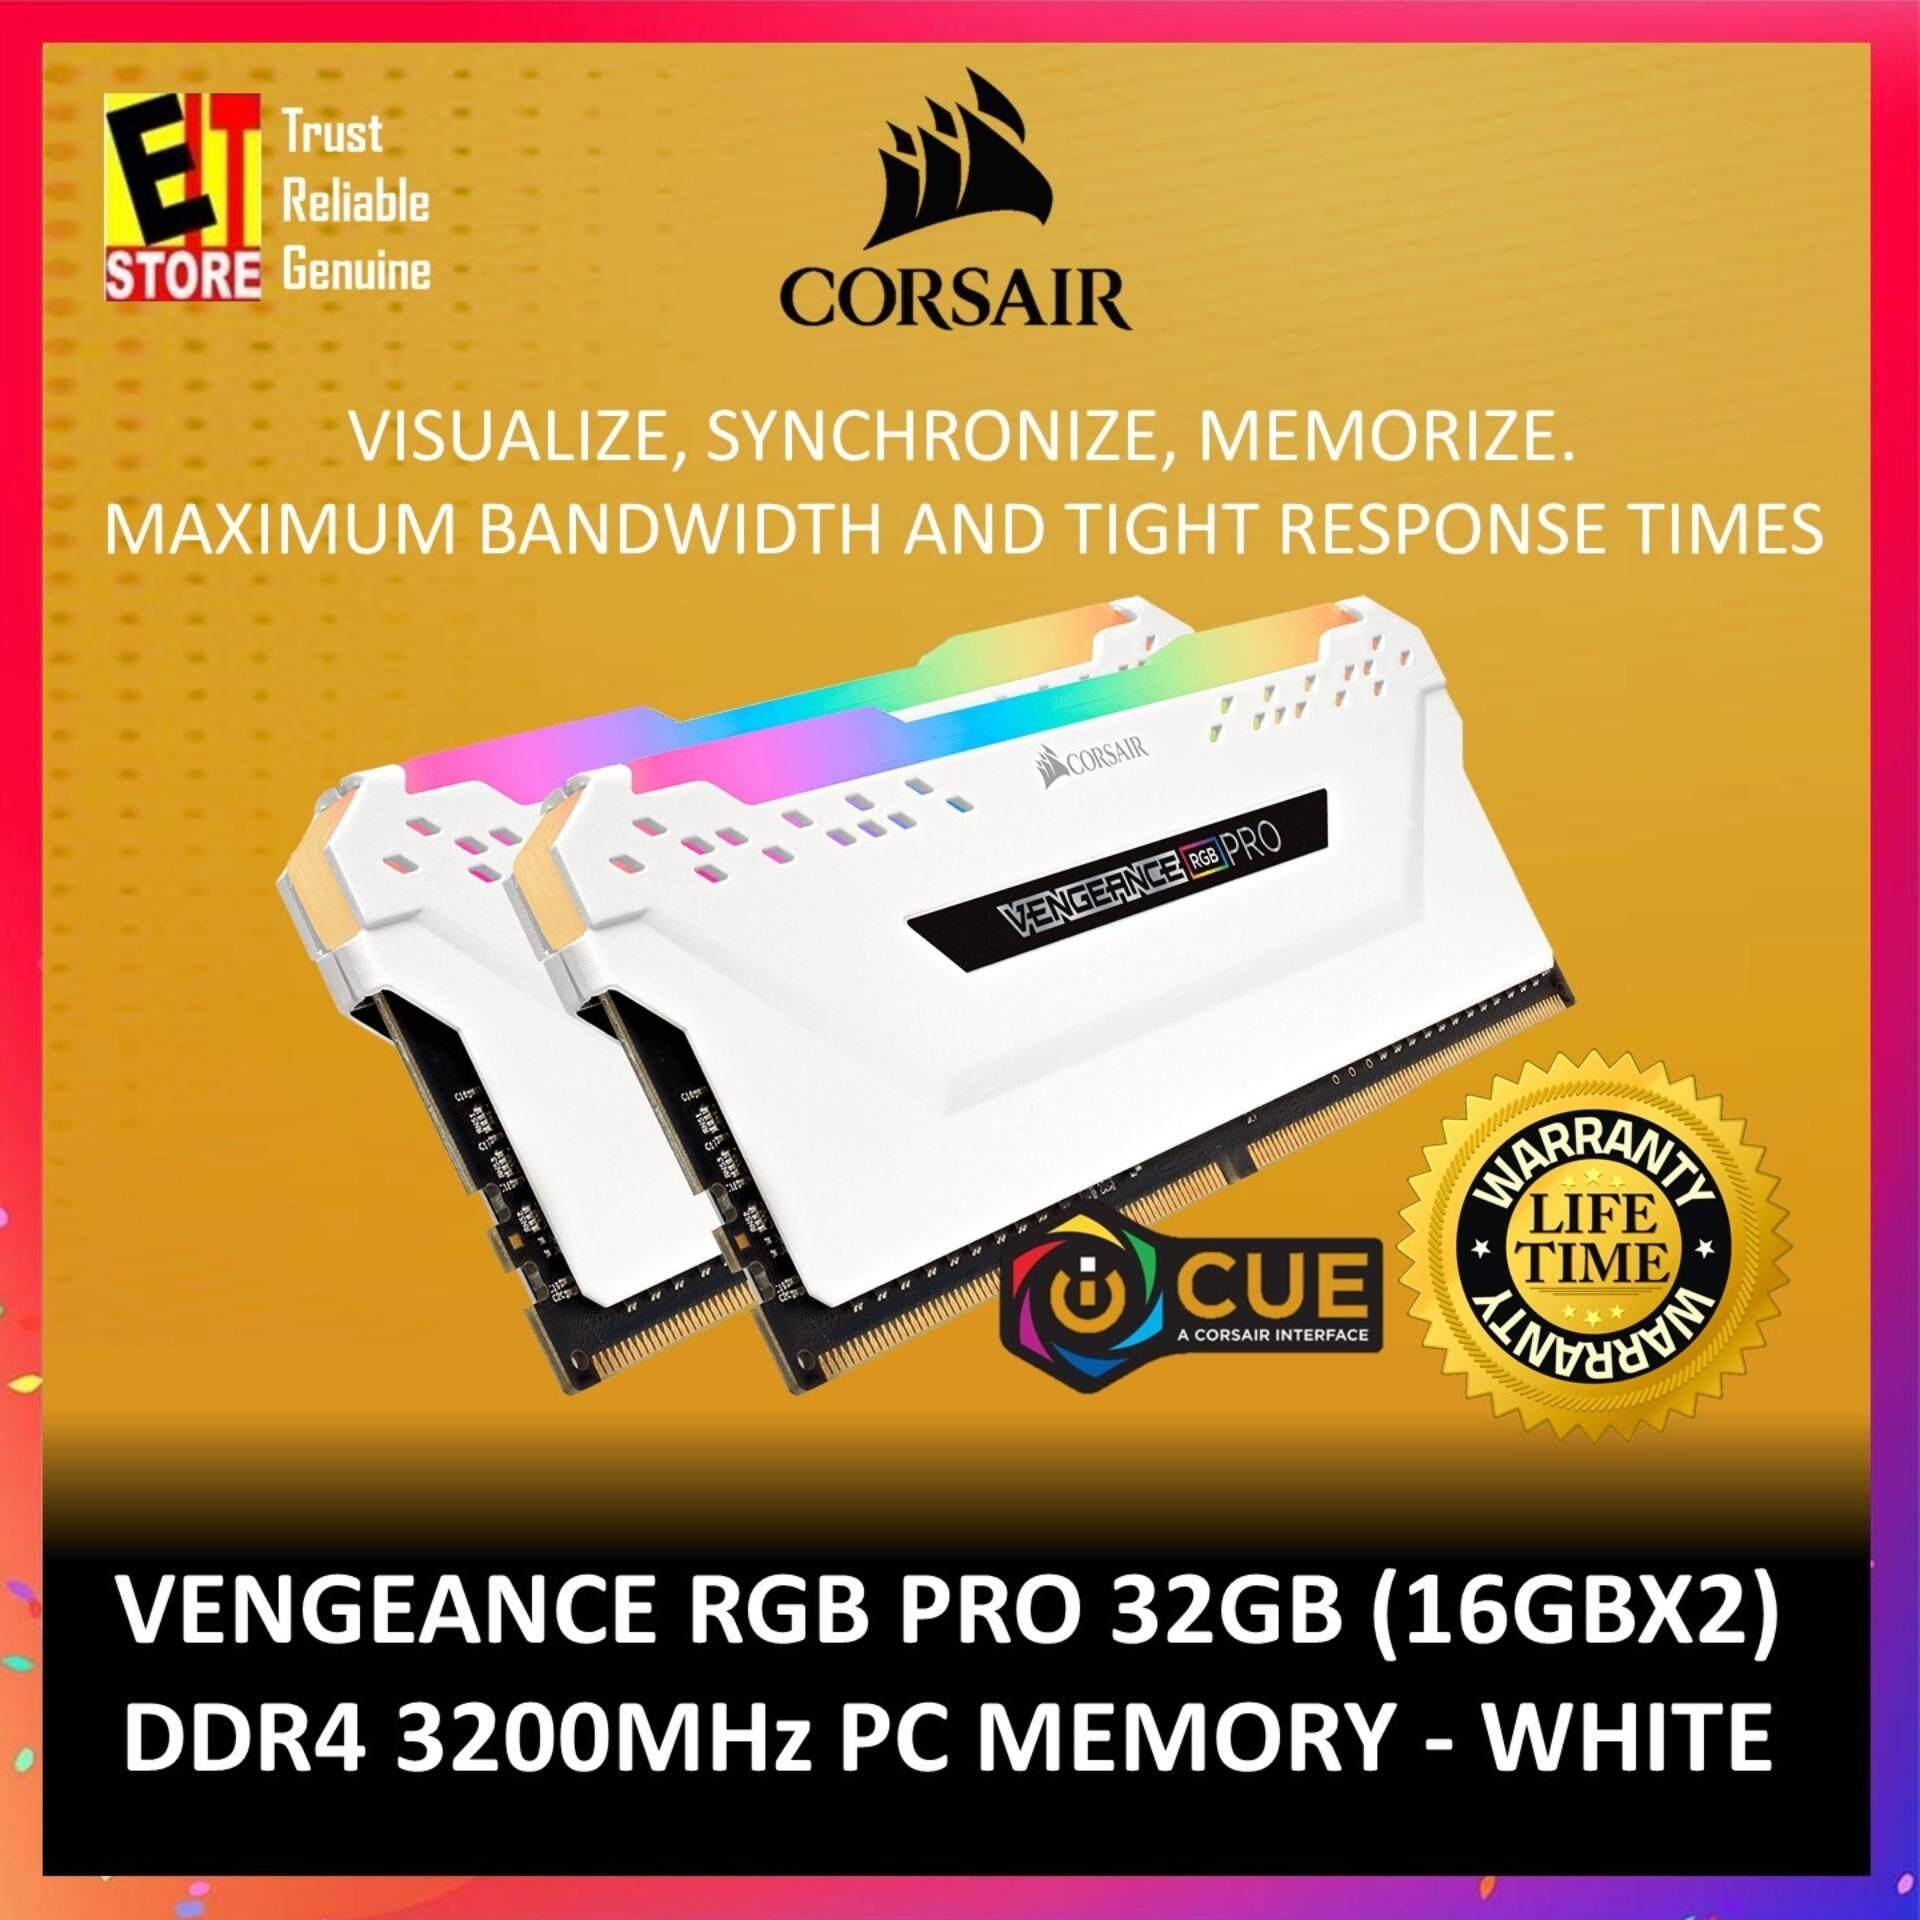 CORSAIR VENGEANCE® RGB PRO 16GB ( 2 x 8GB ) DDR4 DRAM 3200MHz C16 MEMORY  KIT - WHITE (CMW16GX4M2C3200C16W)